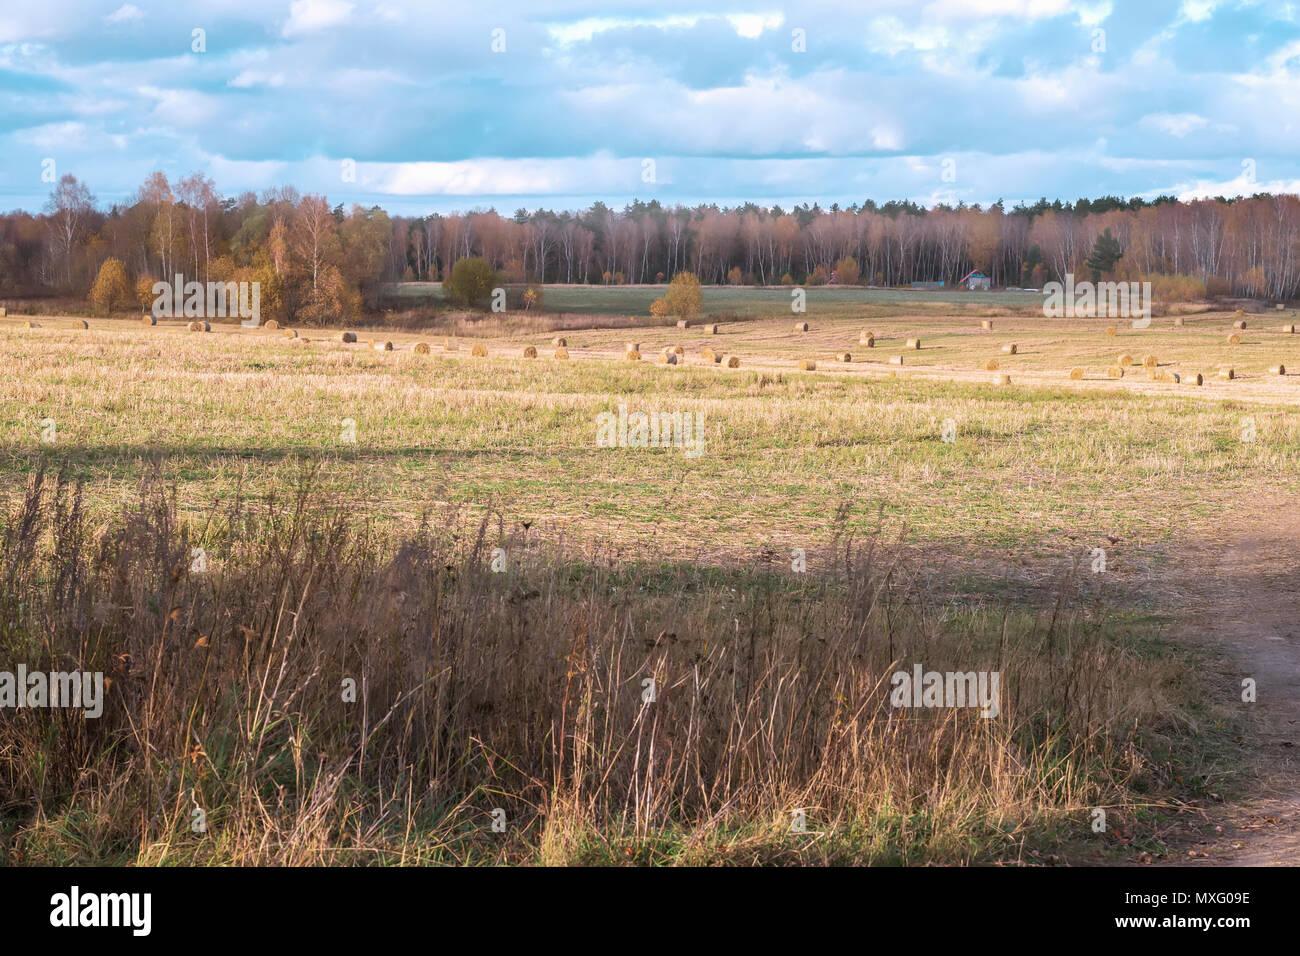 Herbst rustikale Landschaft, abfallende Wiese, Feld mit Strohballen nach der Ernte auf dem Hintergrund von Wald. Sonnigen Tag auf dem Land Stockbild